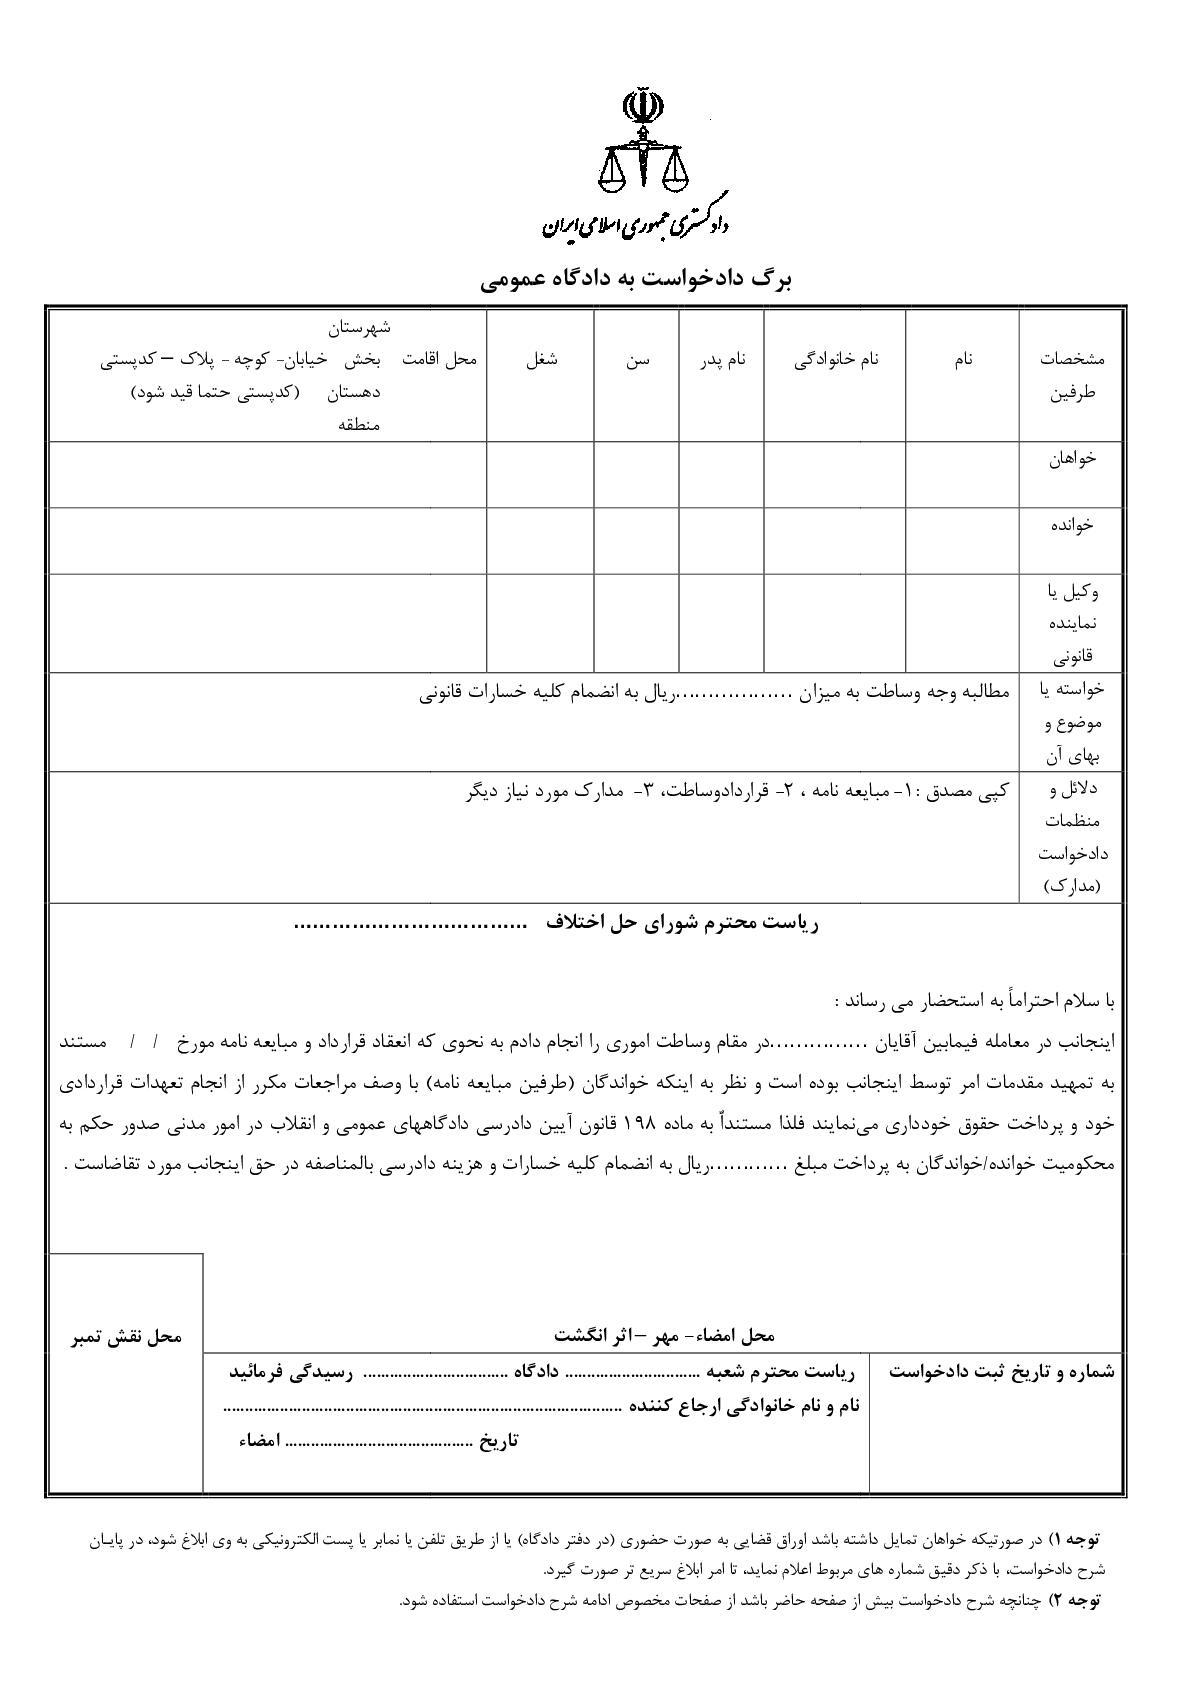 دادخواست مطالبه وجه وساطت(از شورای حل اختلاف)